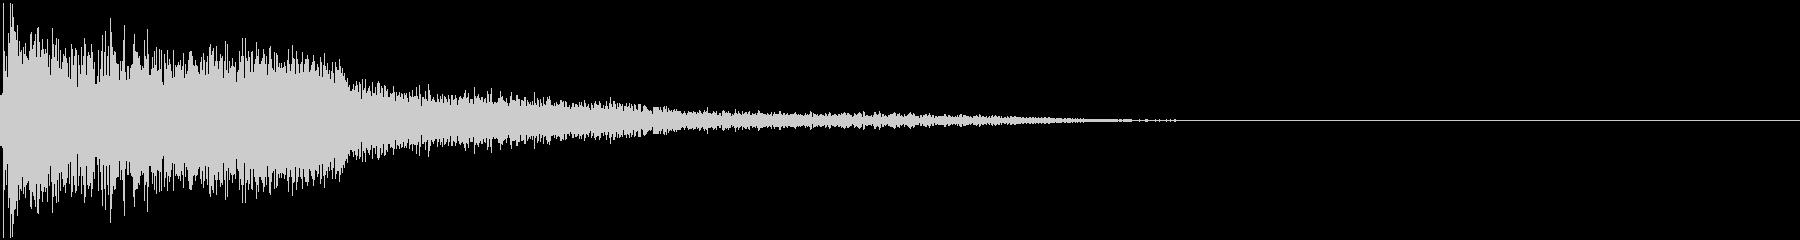 衝撃 金属音 恐怖 震撼 ホラー 06の未再生の波形